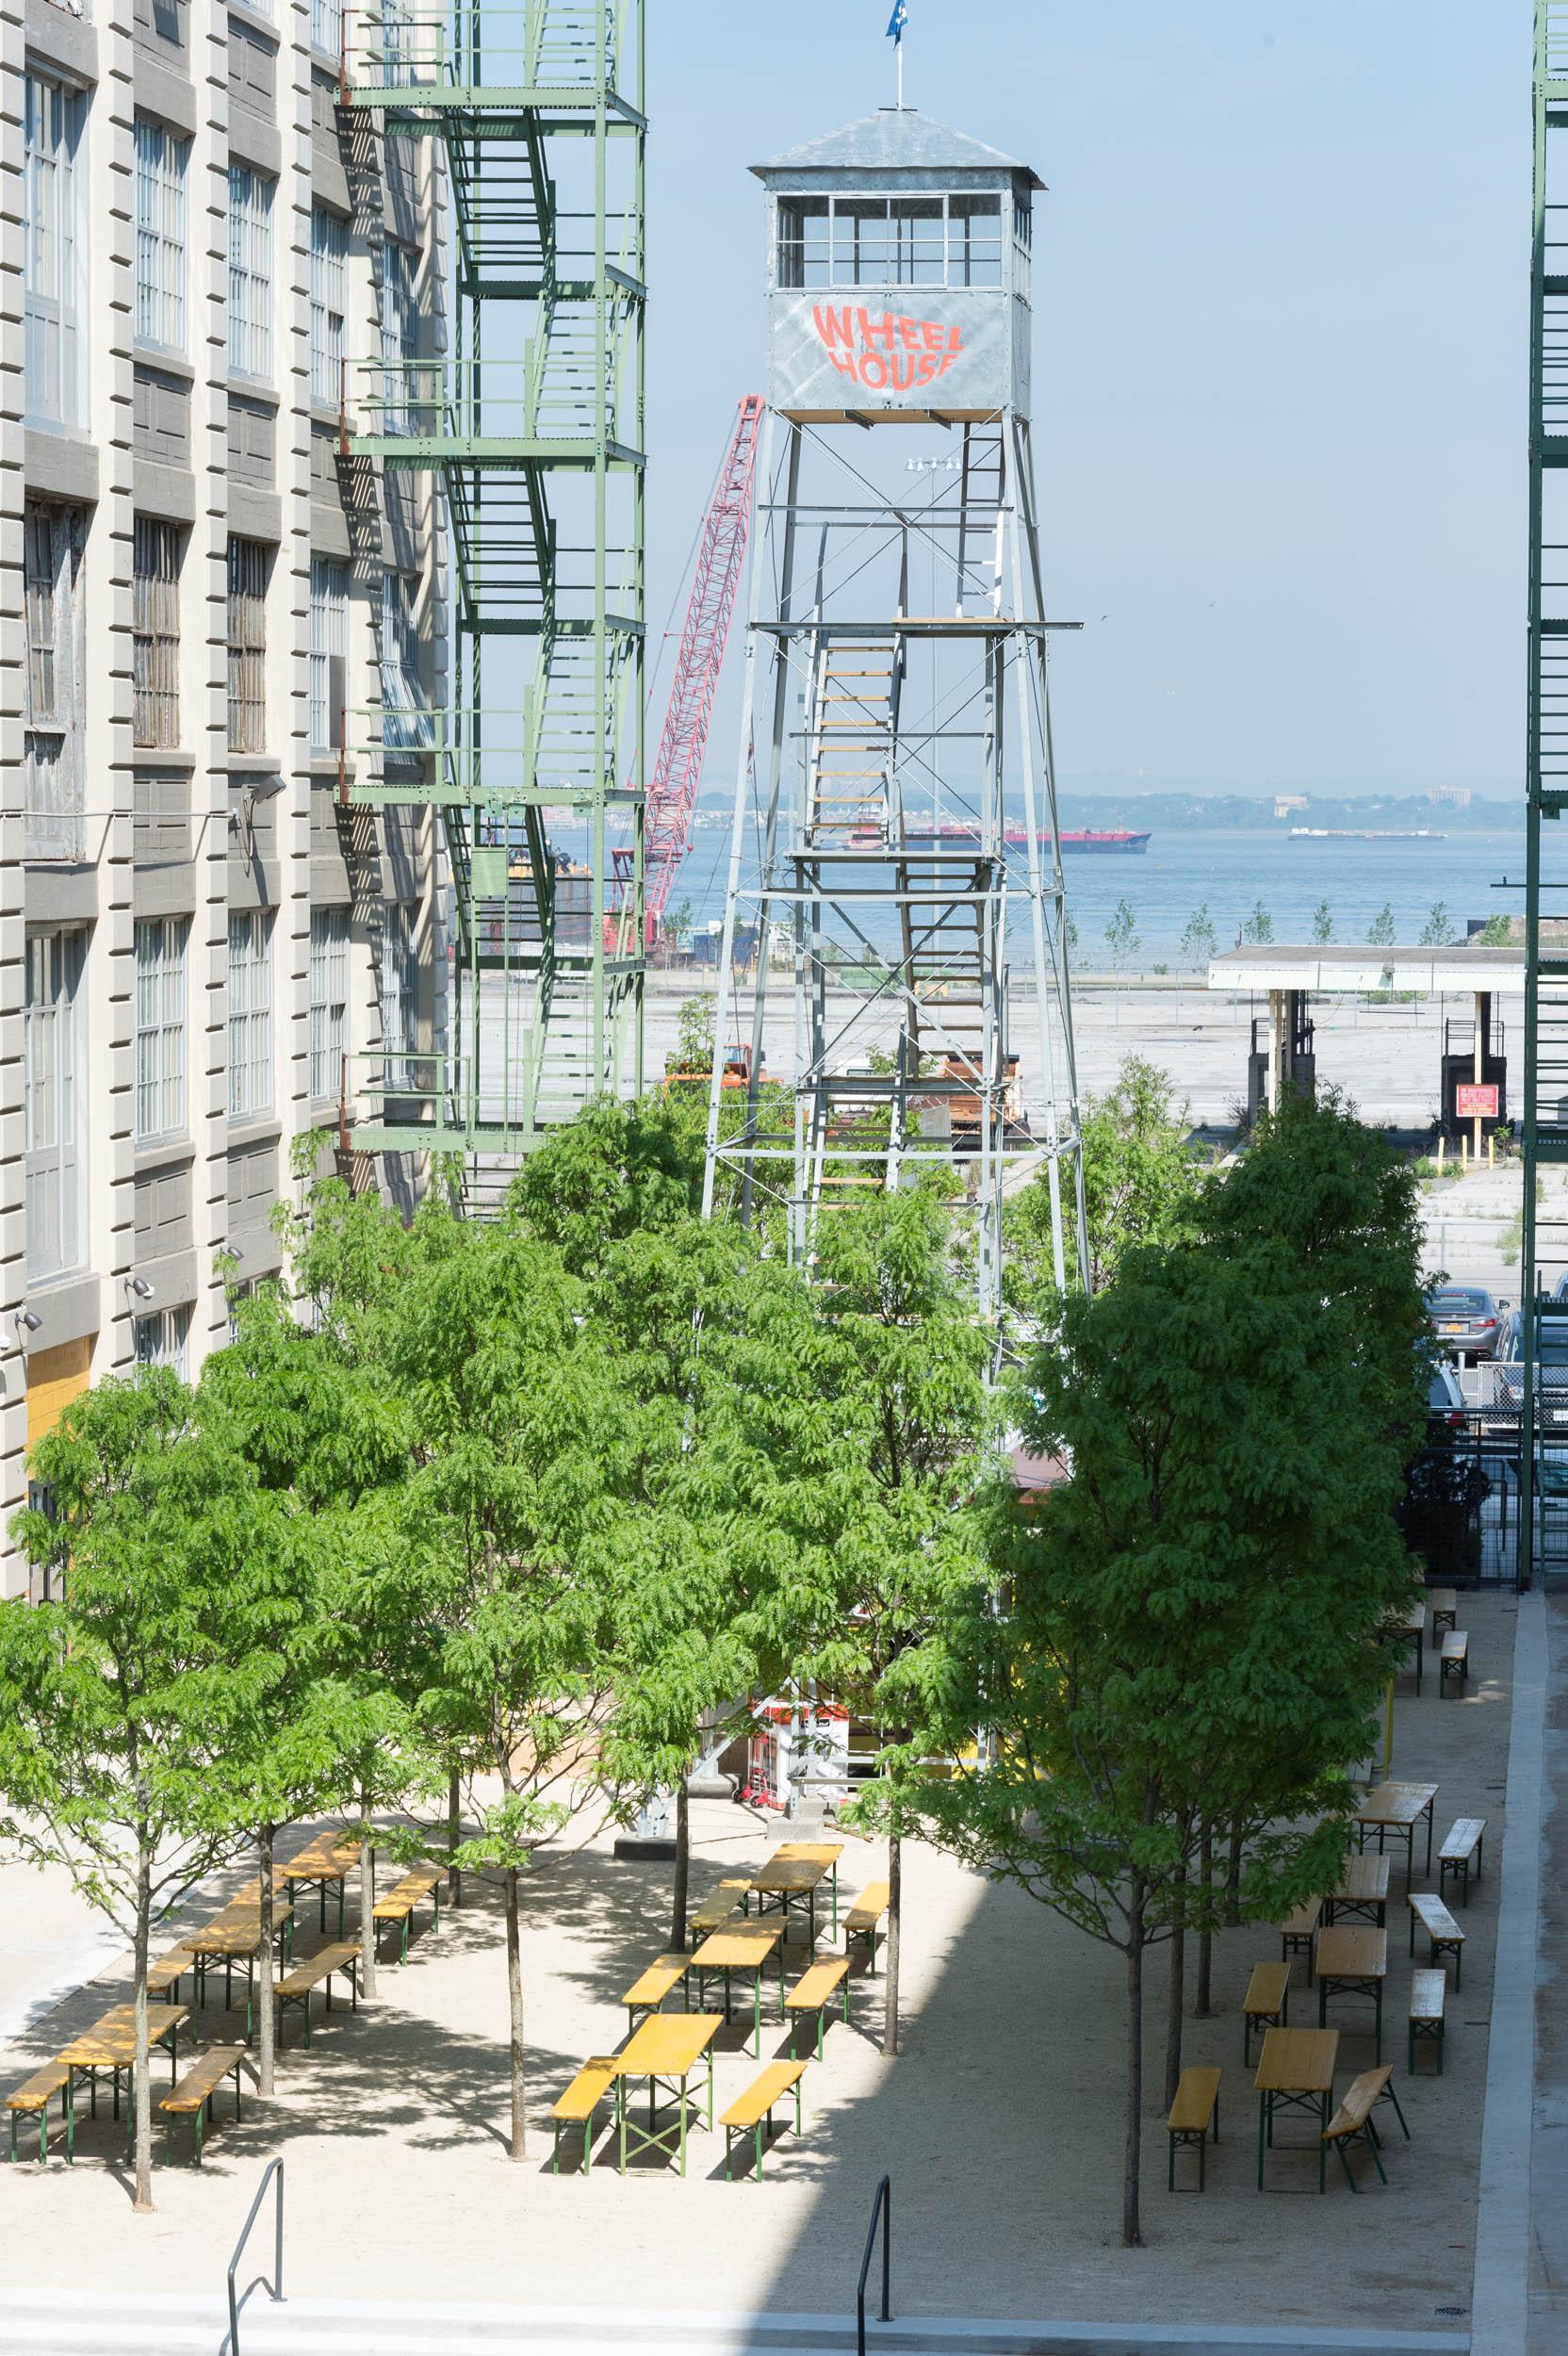 Industry City - Brooklyn, NY